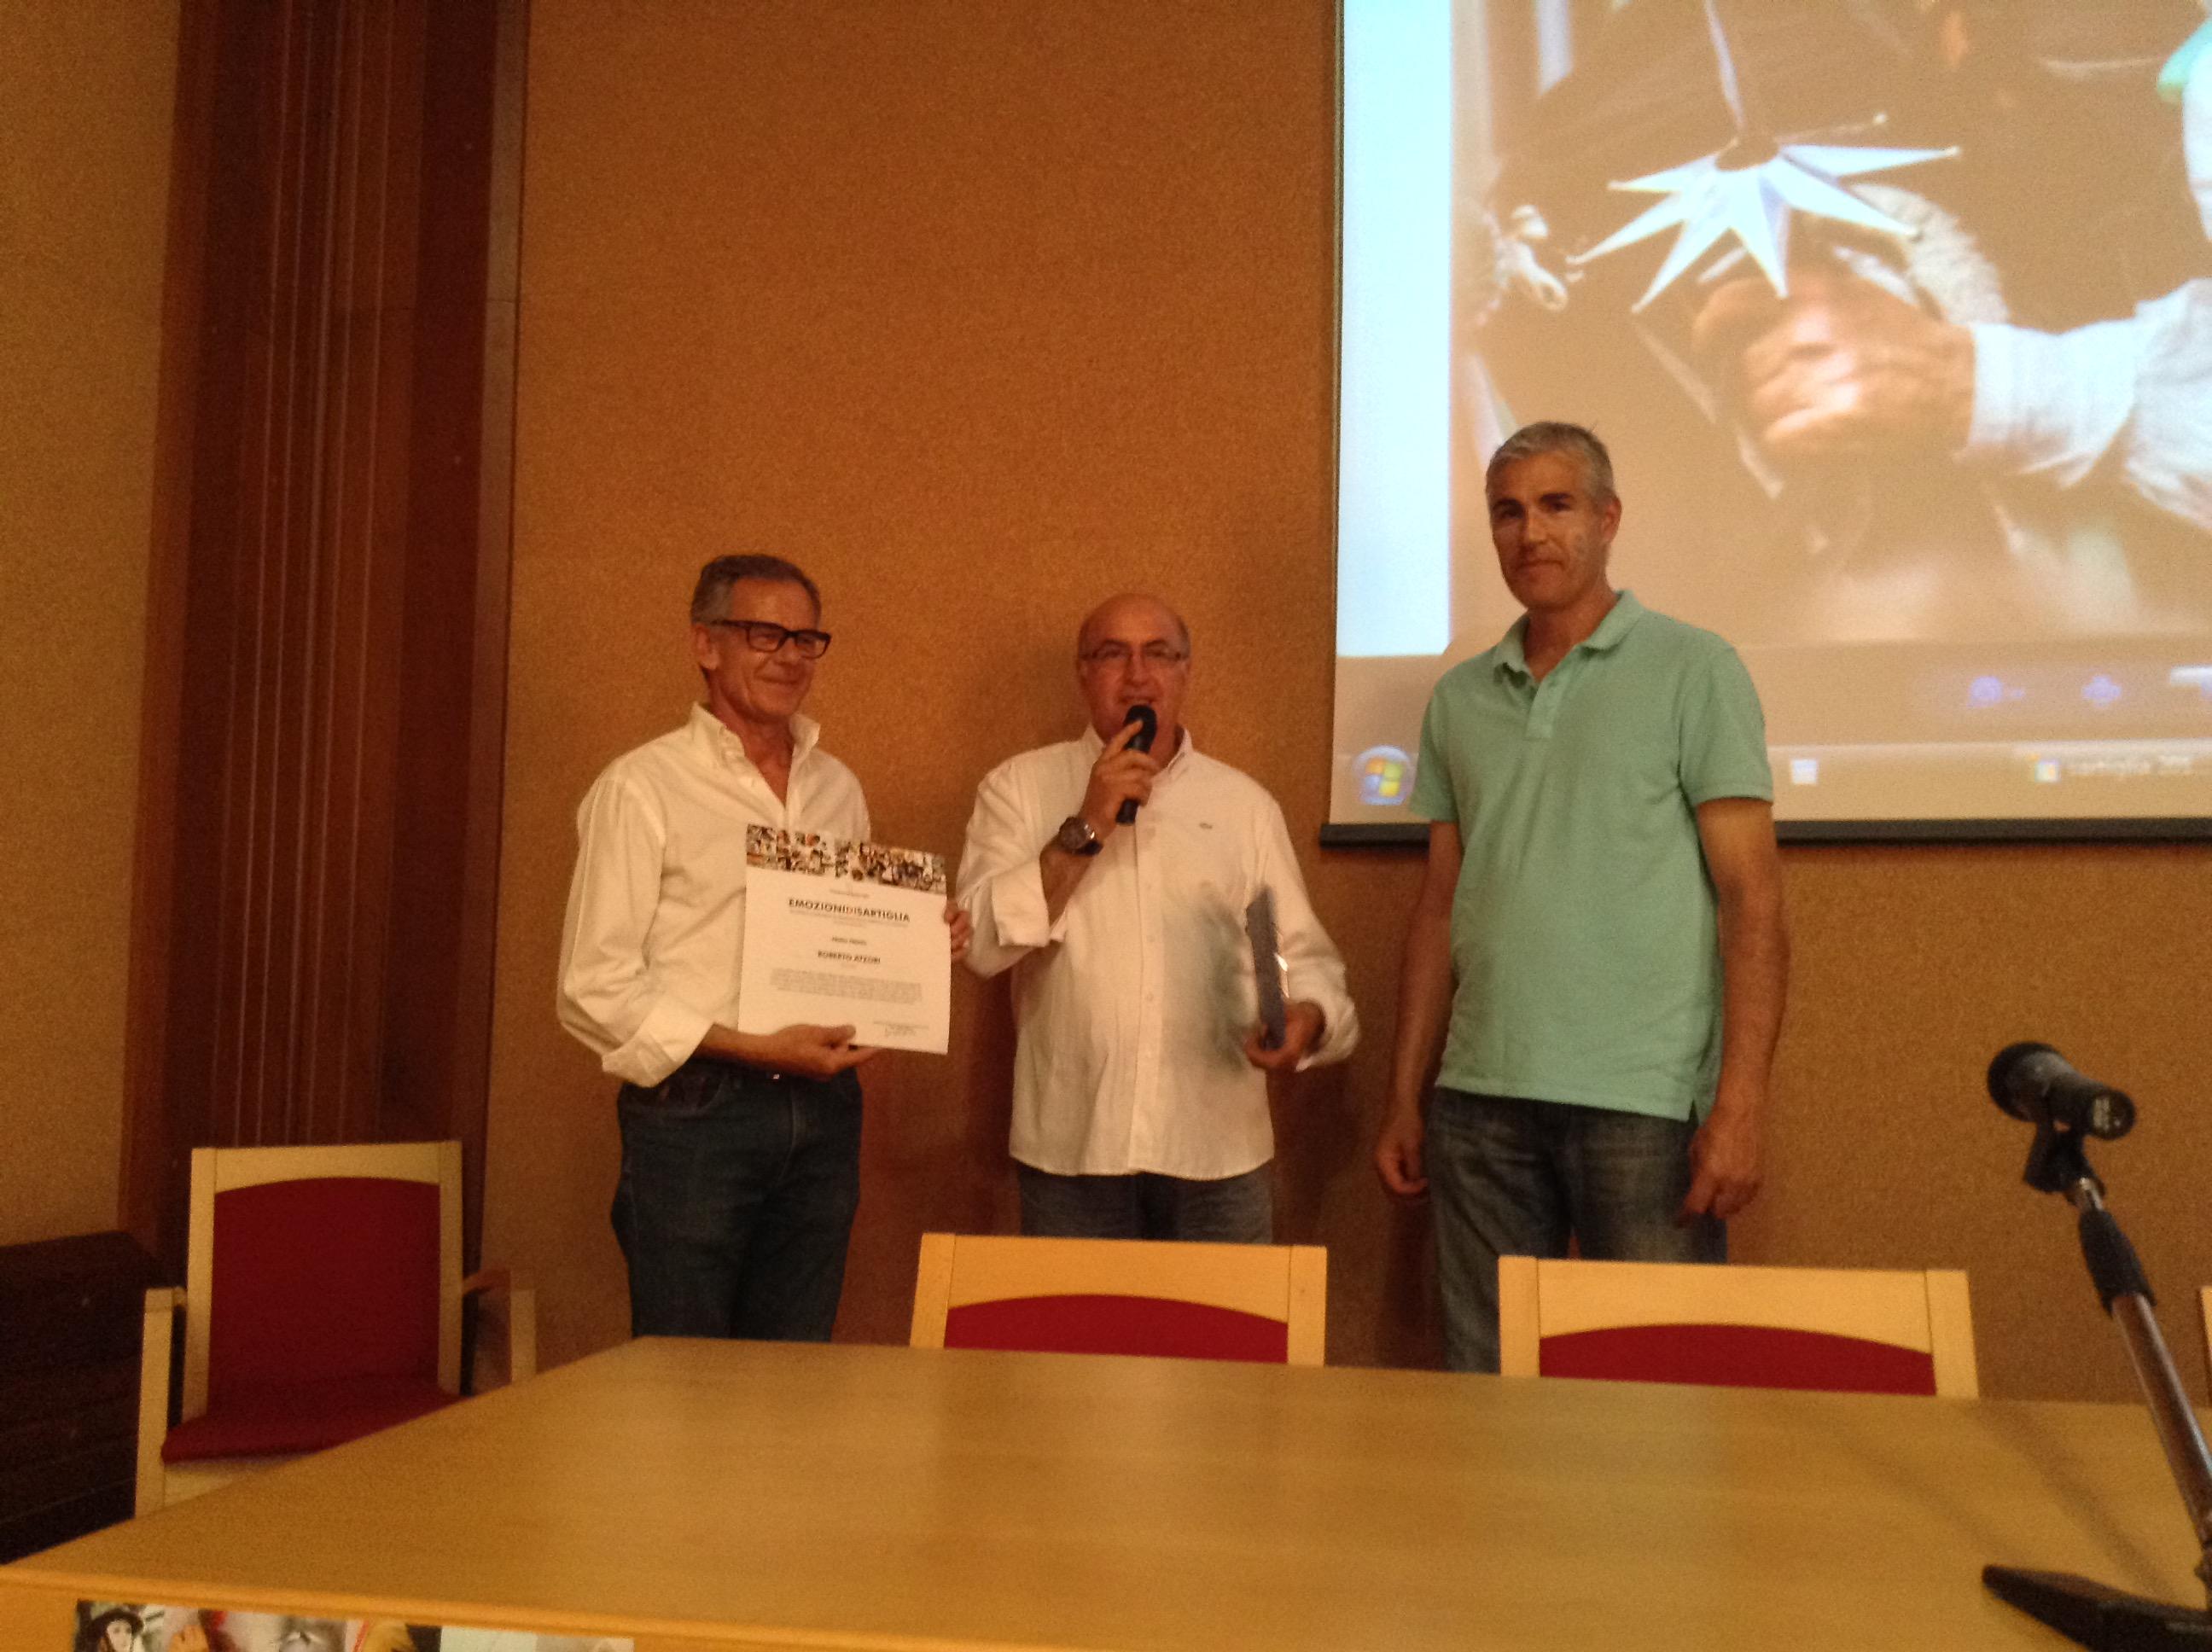 Roberto Atzori di Selargius è il vincitore della seconda edizione del concorso fotografico Emozioni di Sartiglia 8 maggio 2015.